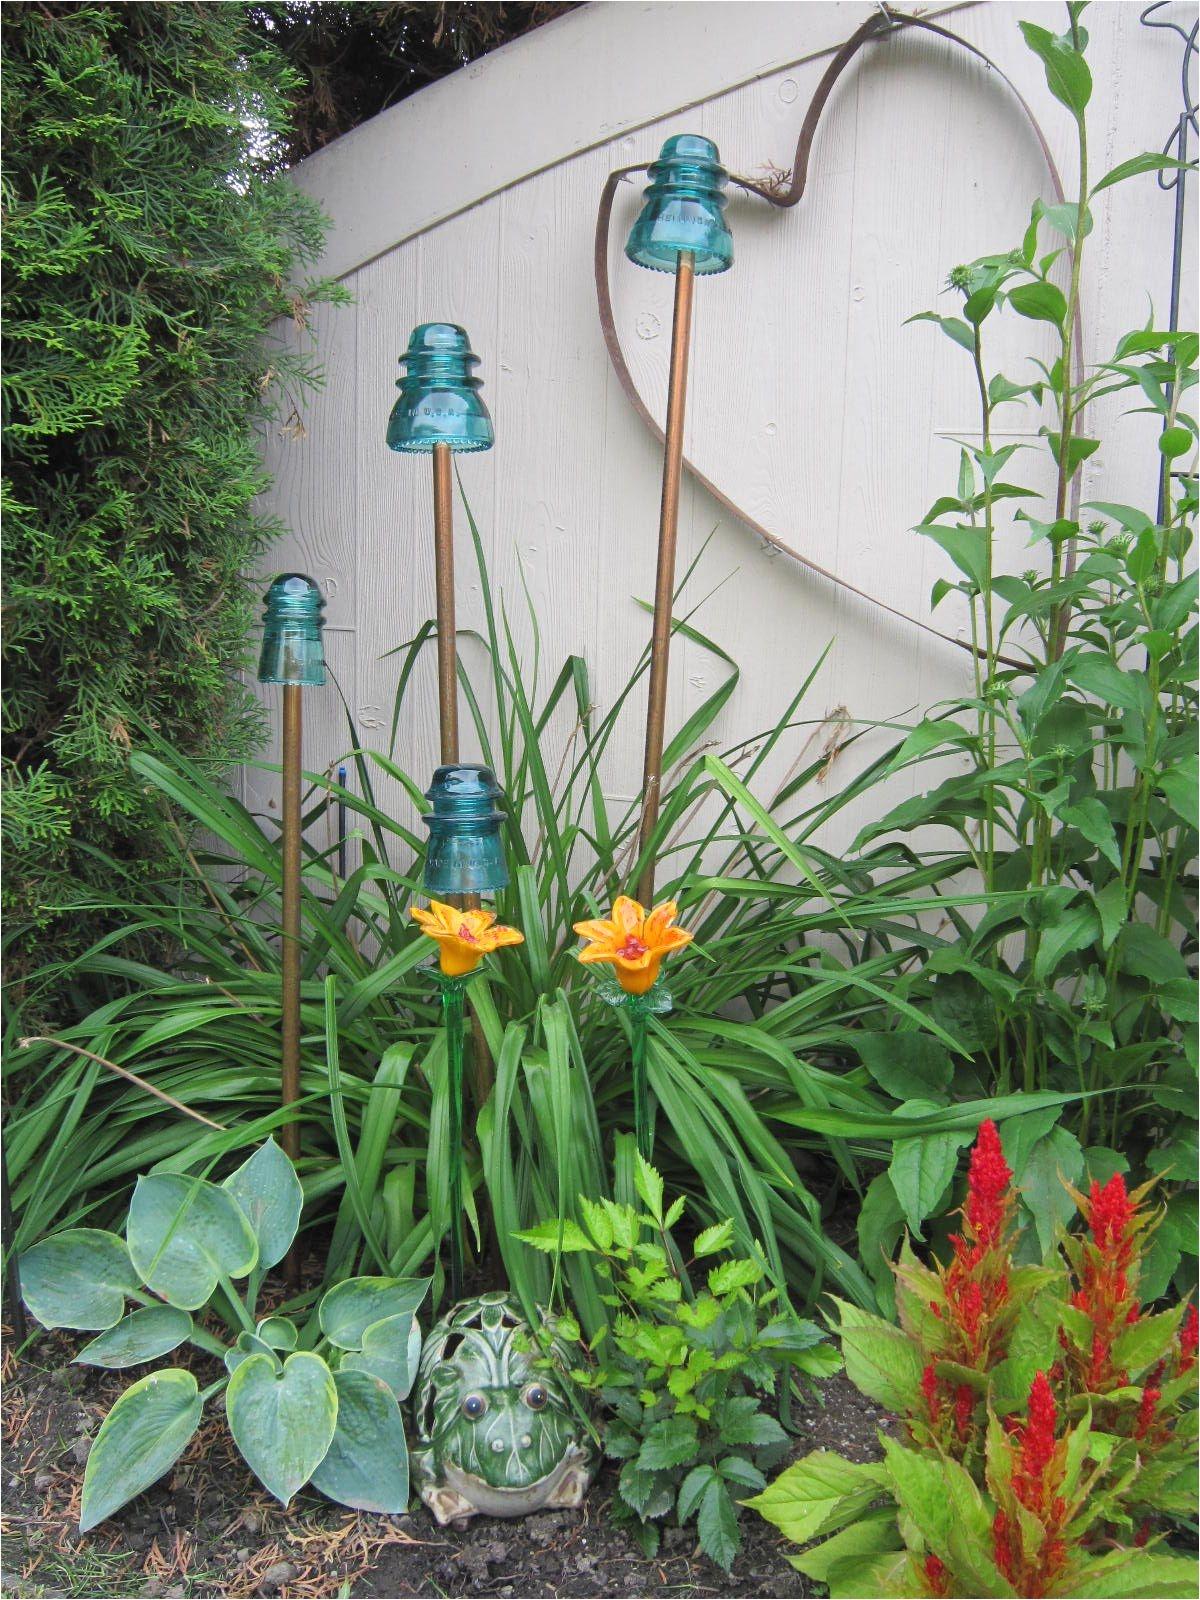 Fesselnd Do It Yourself Garden Art Diy Deko Im Garten 51 Upcycling Ideen Pinterest  Glass